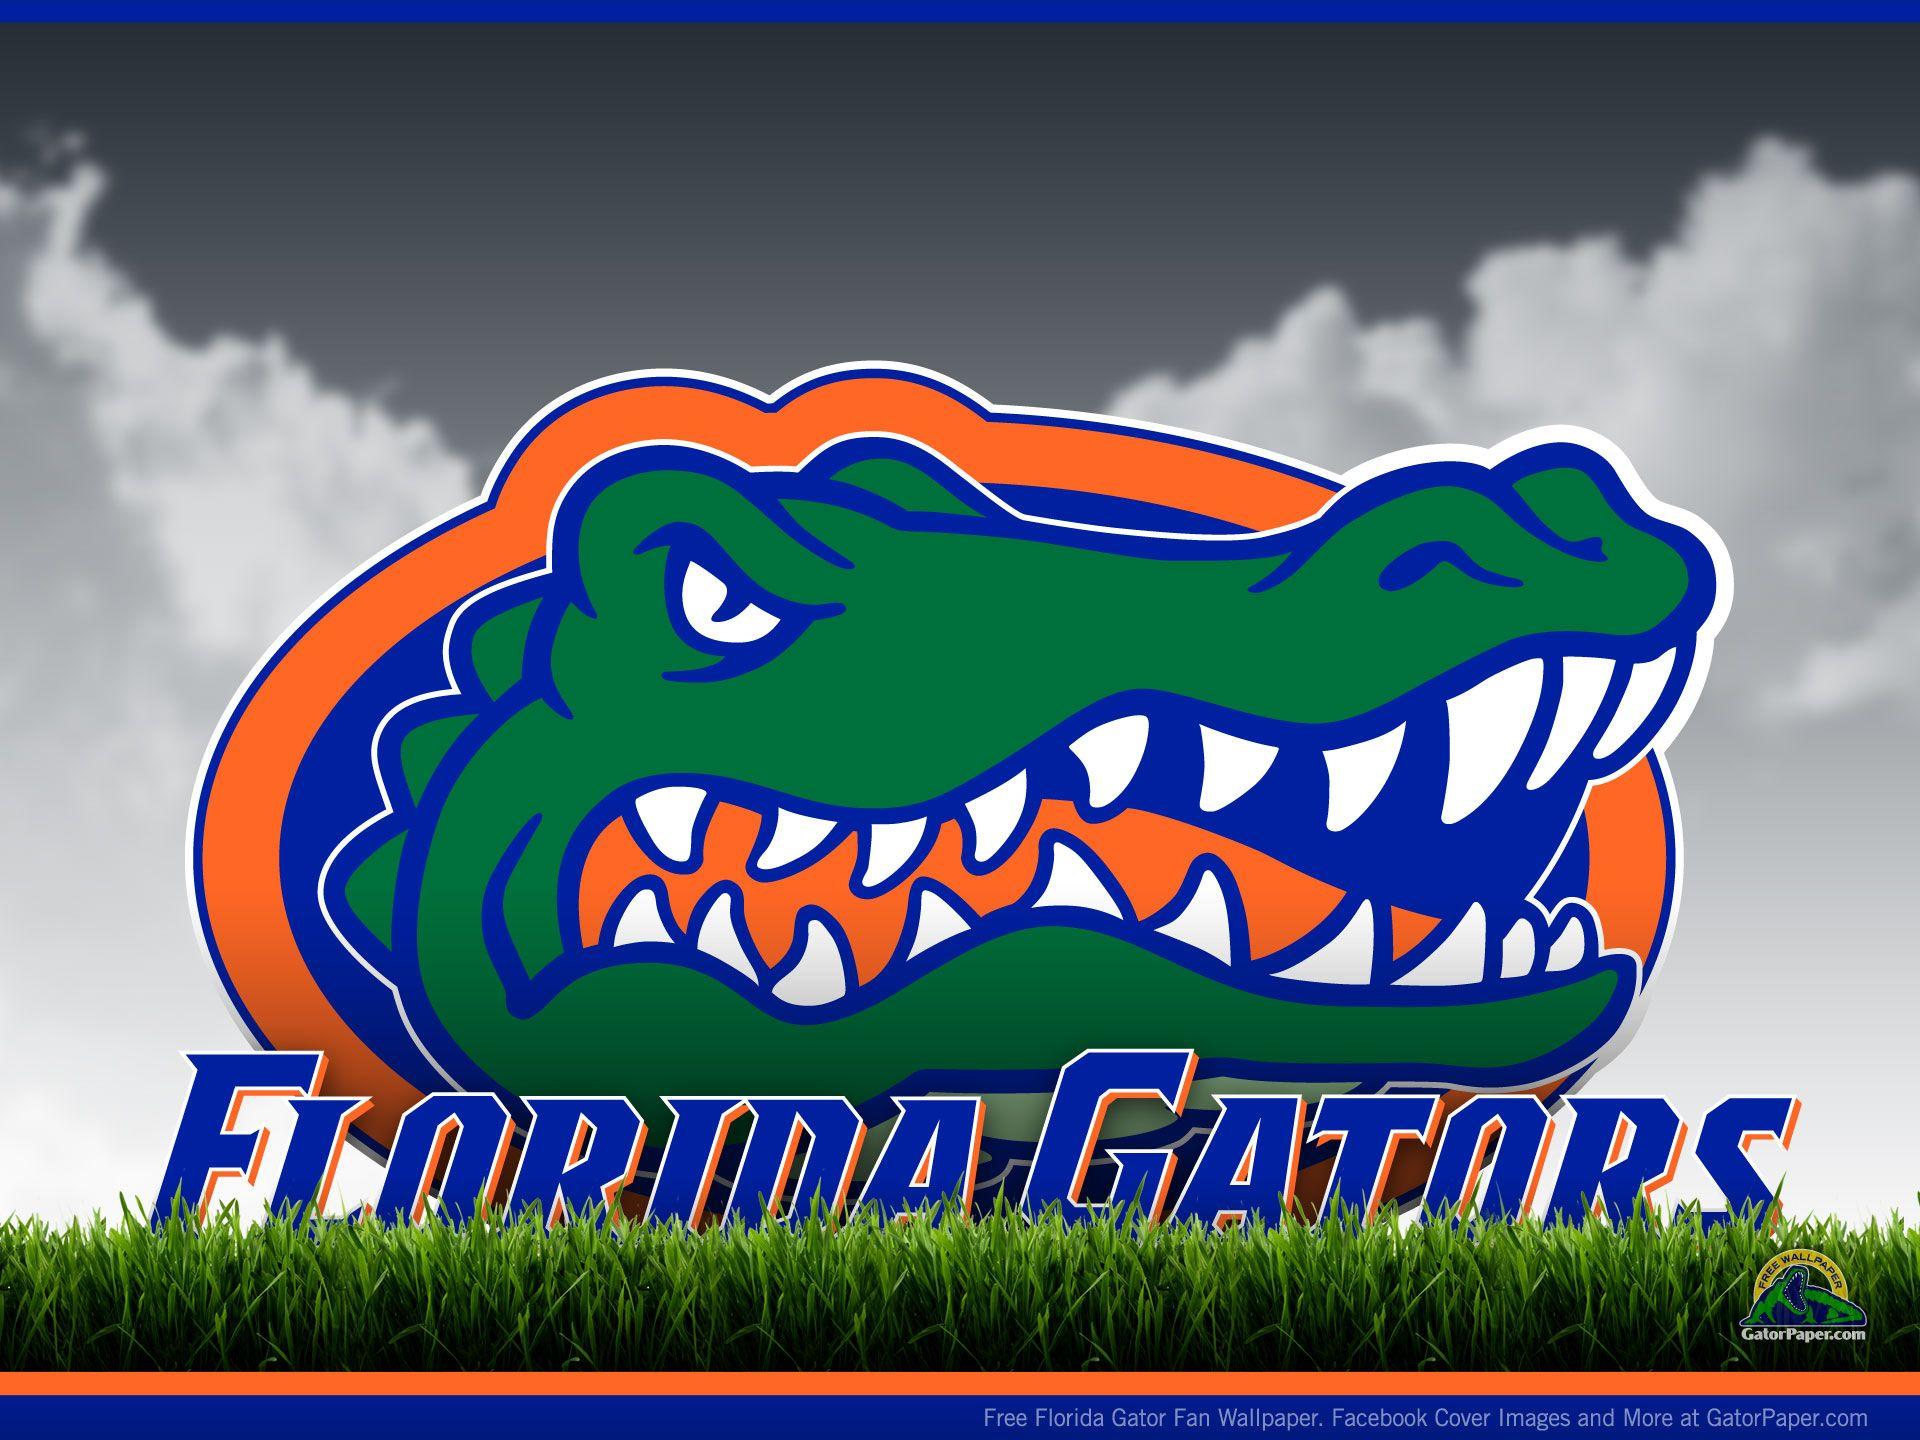 University Of Florida Wallpaper Gatorzone Bing Images Florida Gators Wallpaper Florida Gators Football Wallpaper Florida Gators